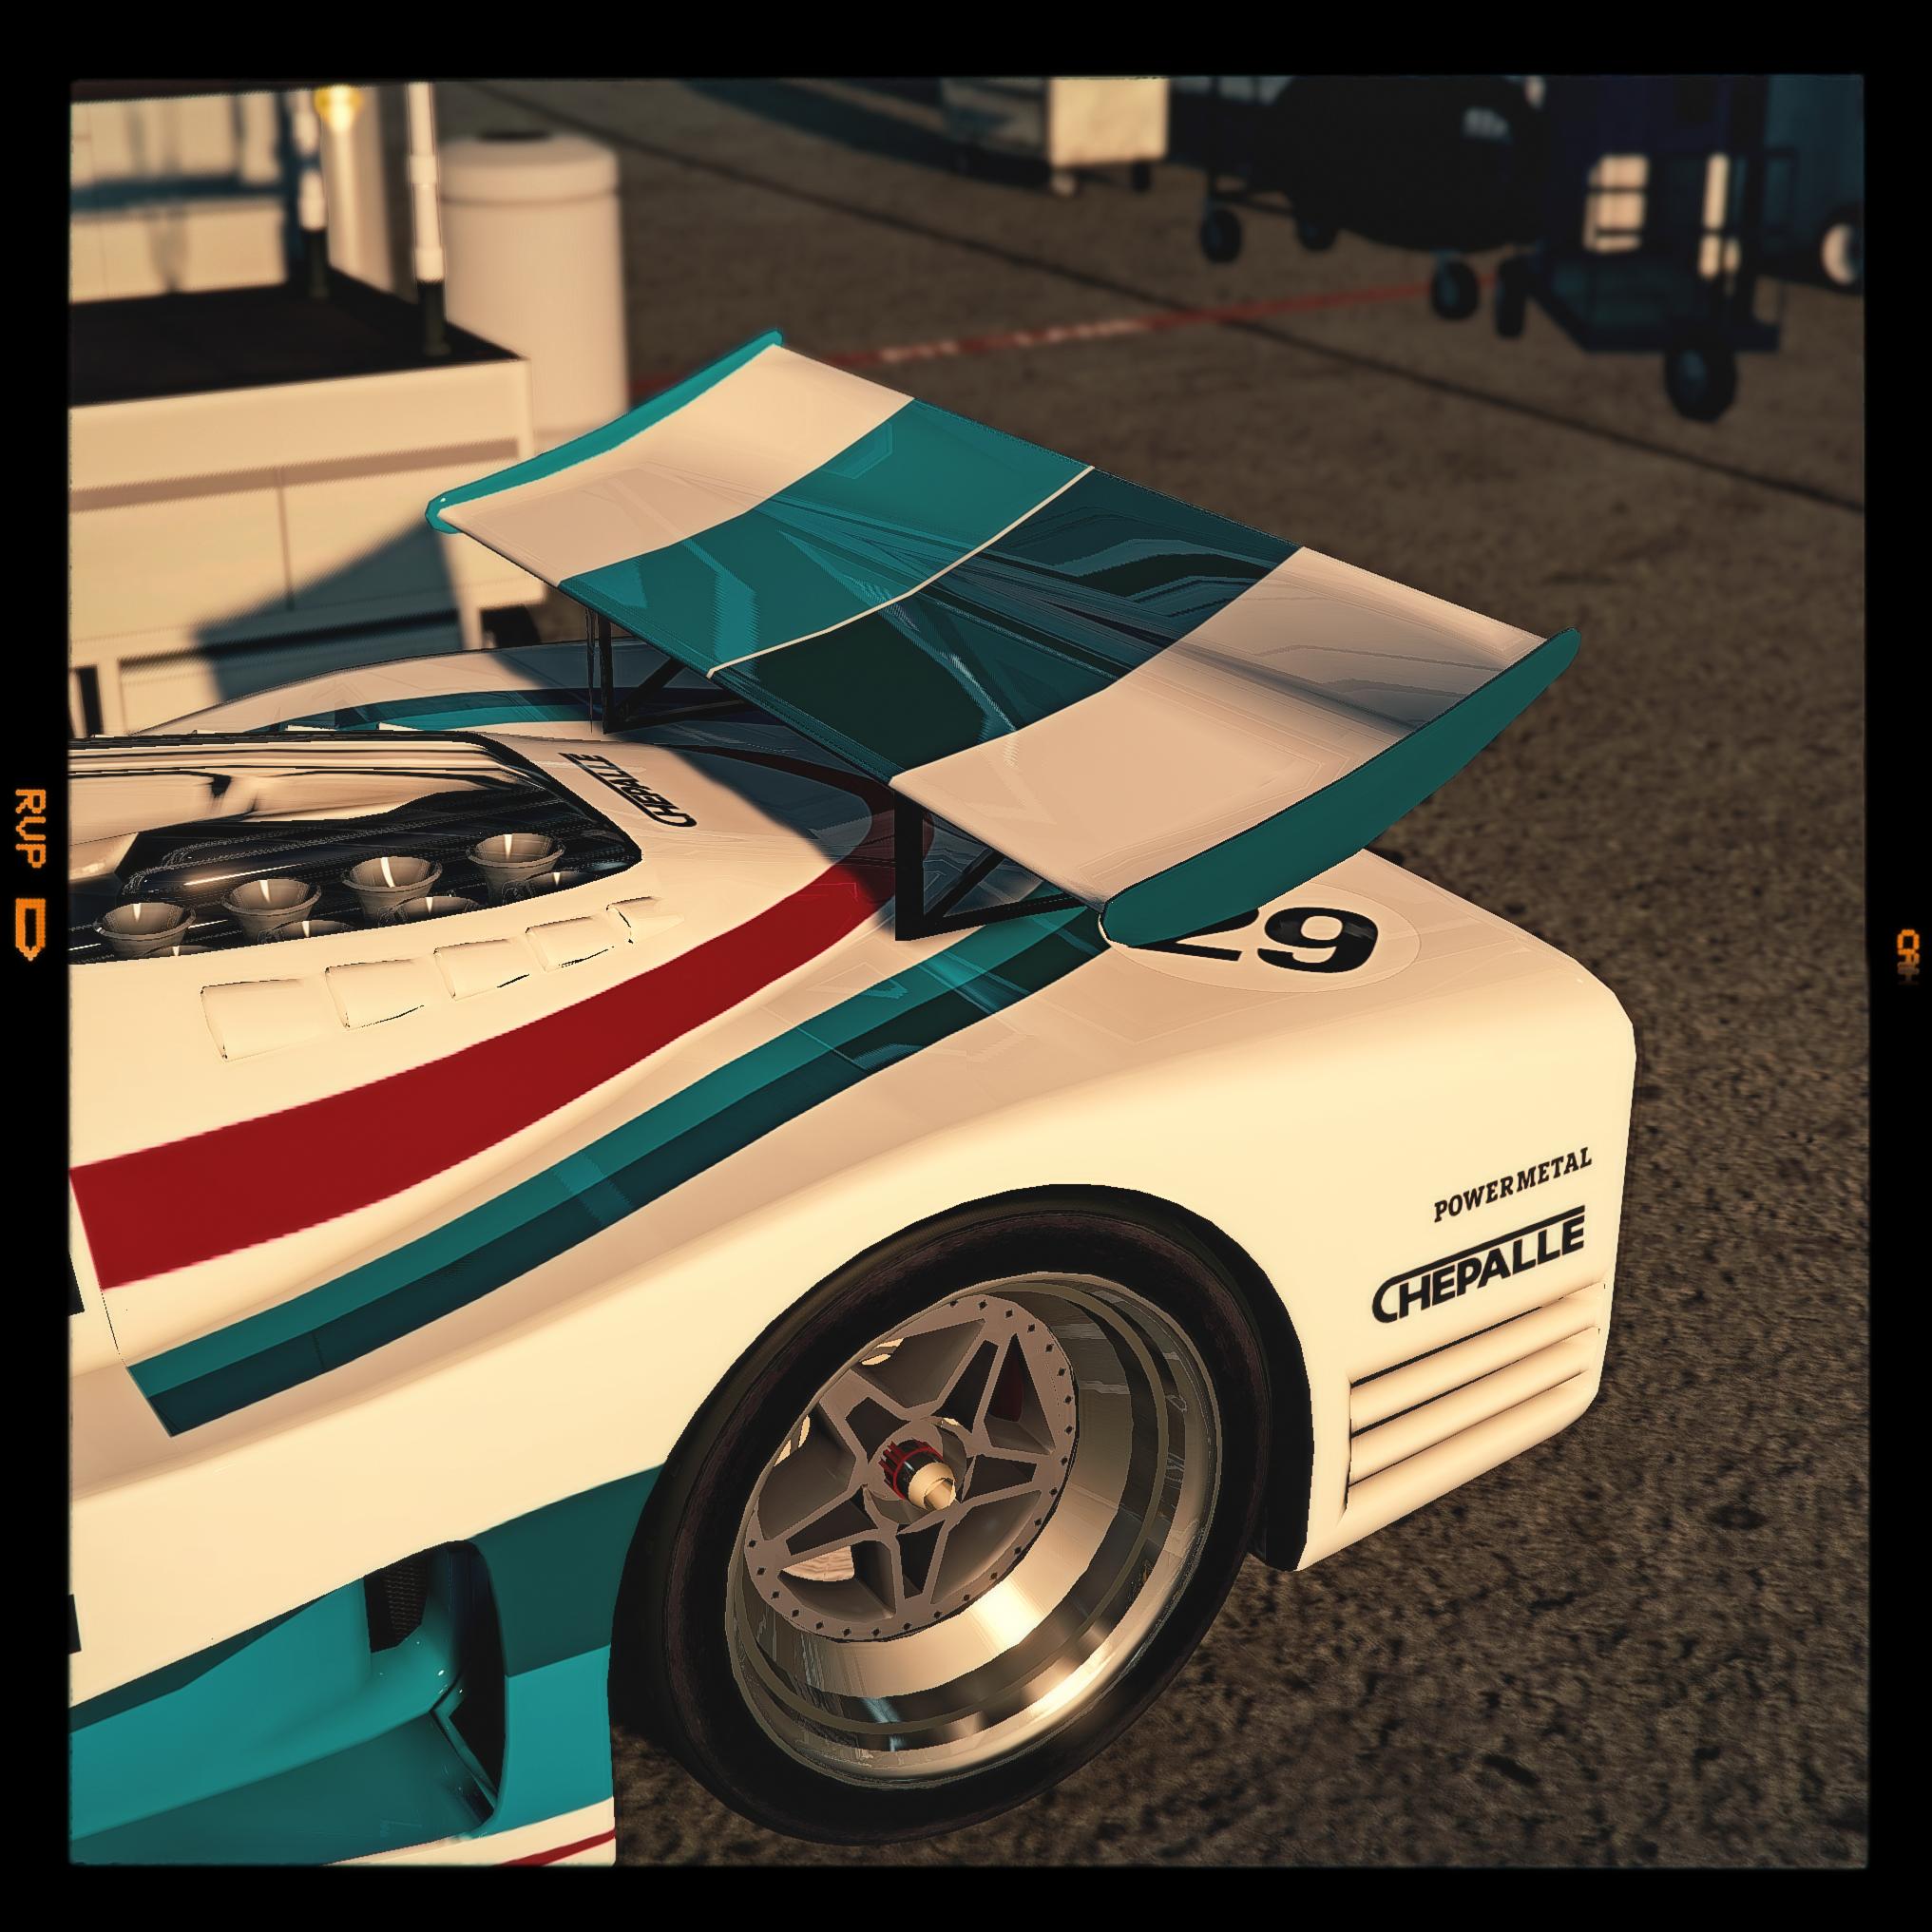 Grand_Theft_Auto_V_Screenshot_2019.03.05